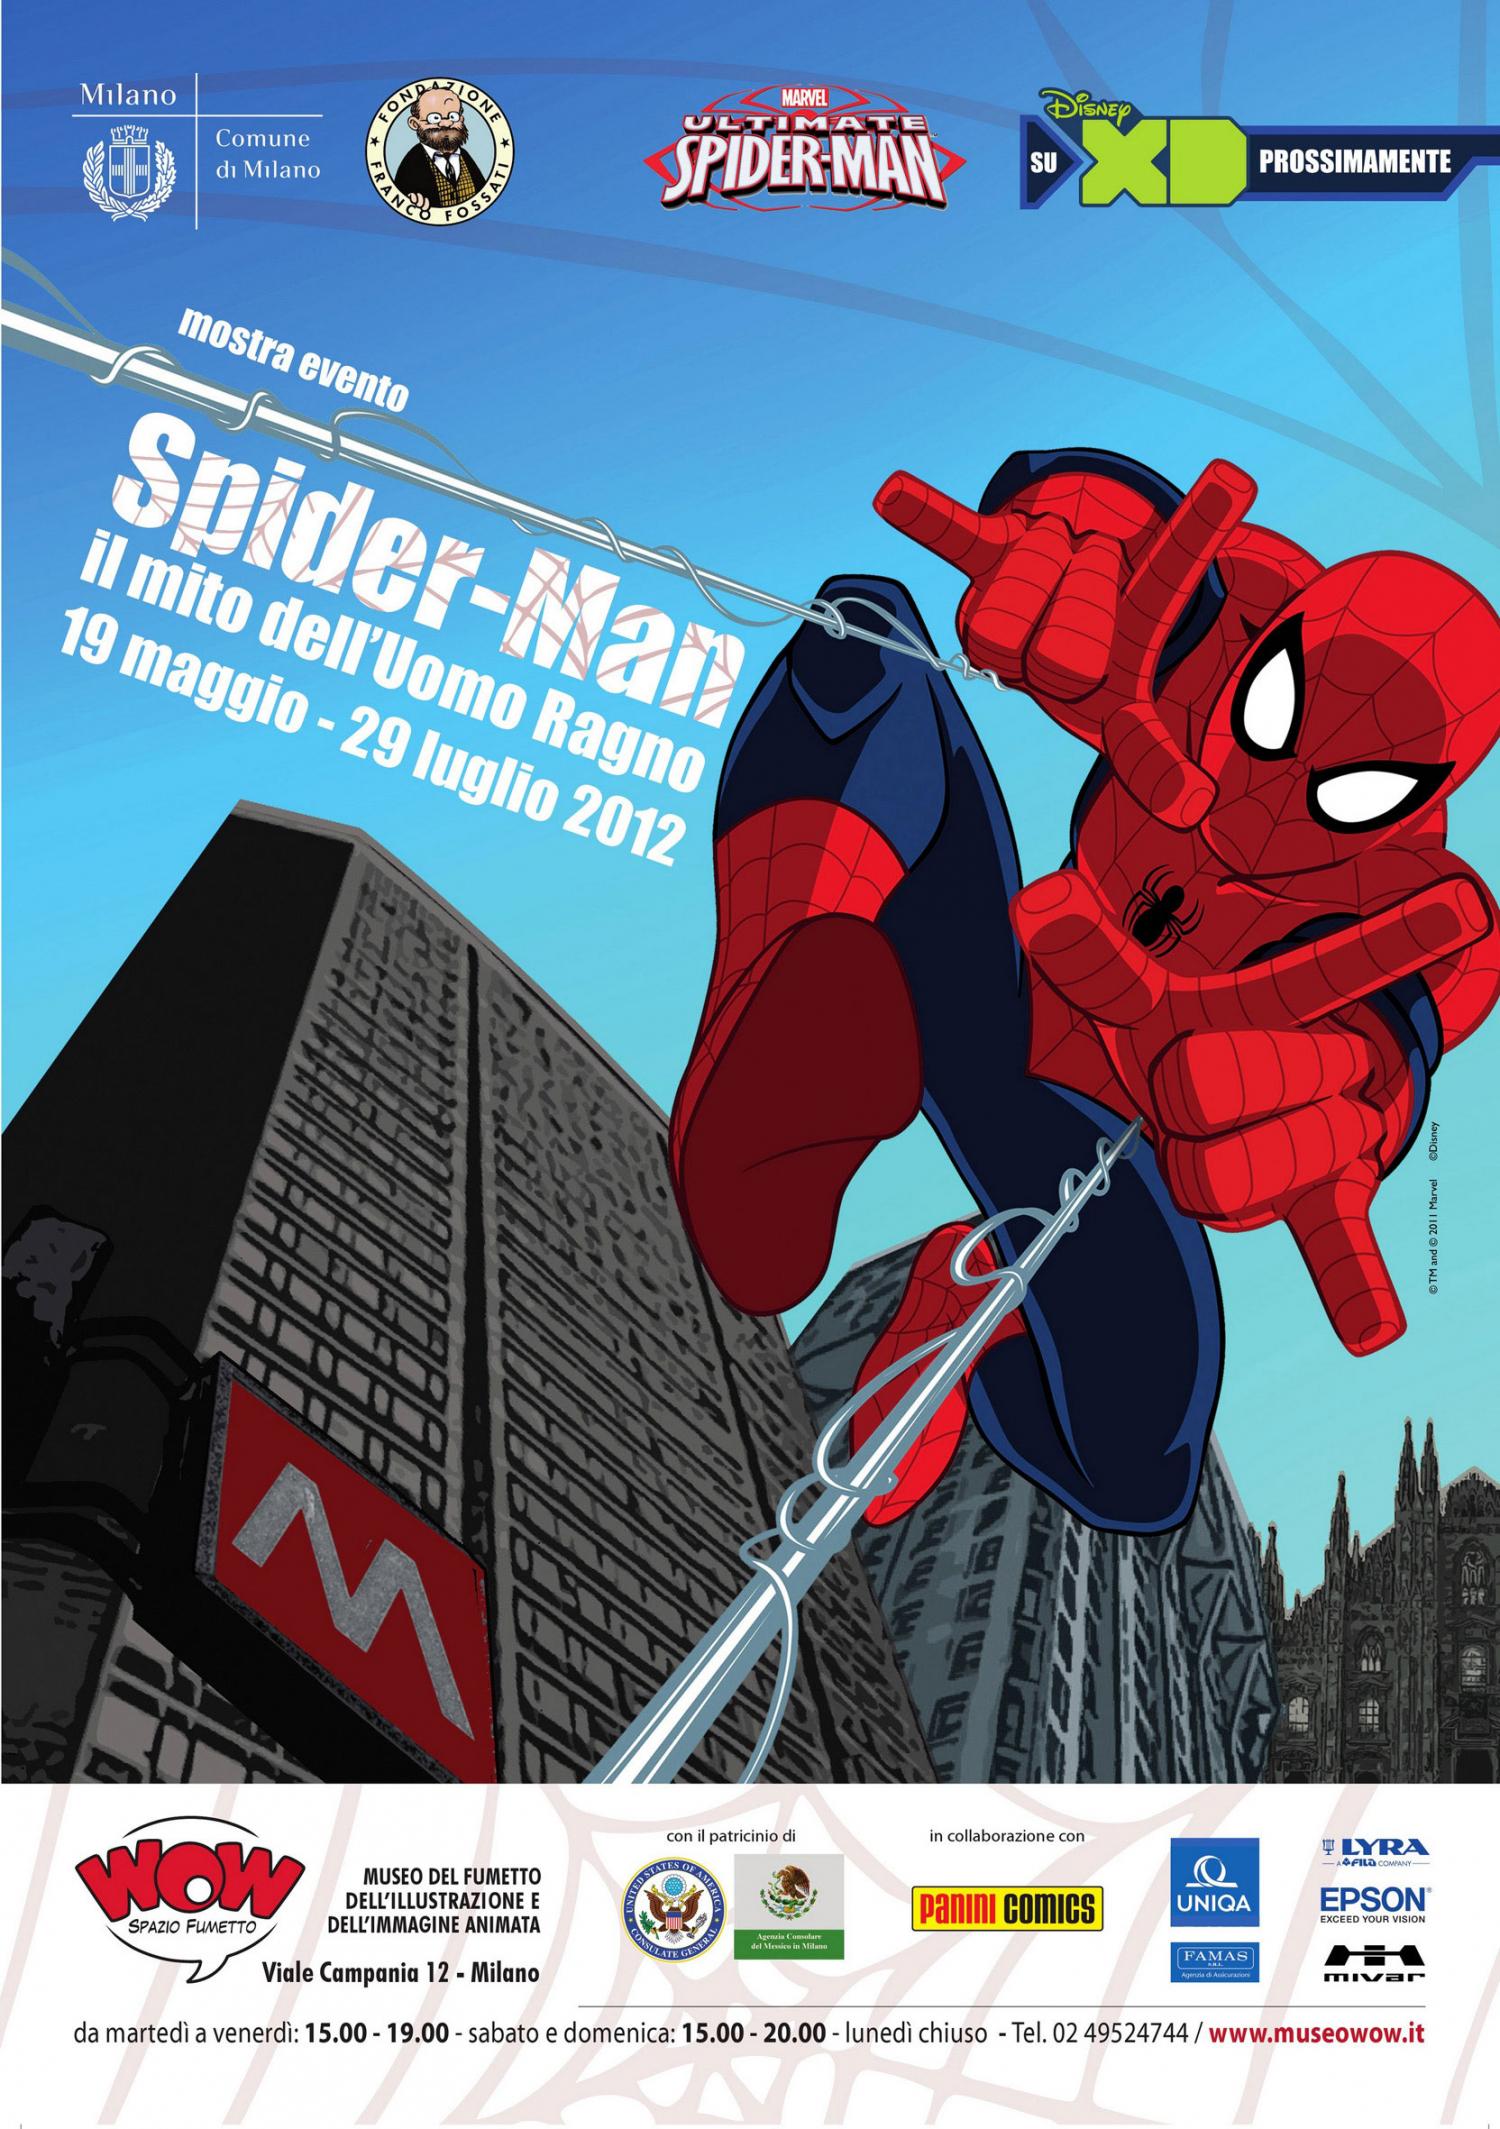 <p>I primi 50 anni dell&#39;Uomo Ragno vengono raccontati attraverso le tavole originali dei massimi autori, le storie pi&ugrave; importanti, i film, le serie animate, i videogiochi che l&#39;hanno visto protagonista. La mostra &egrave; aperta da Amazing Fantasy 15, il primo albo di Spider-Man, e chiusa dalla copertina celebrativa realizzata da Humberto Ramos per il numero di agosto 2012 di Amazing Spider-Man.</p>